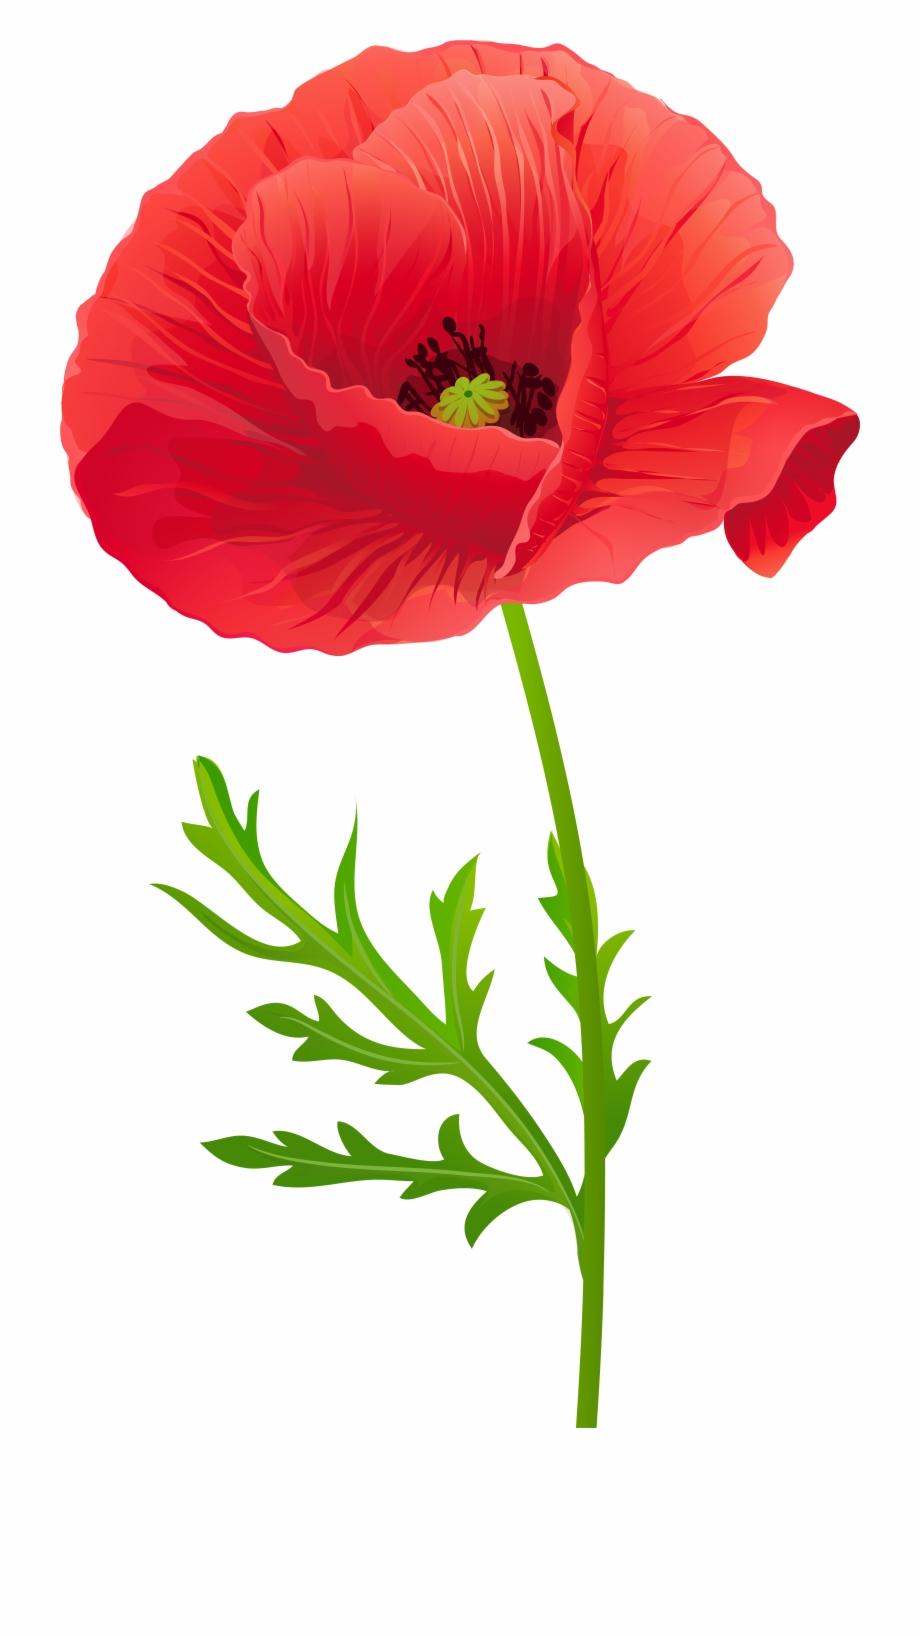 Poppy clipart red poppy. Opium flower clip art